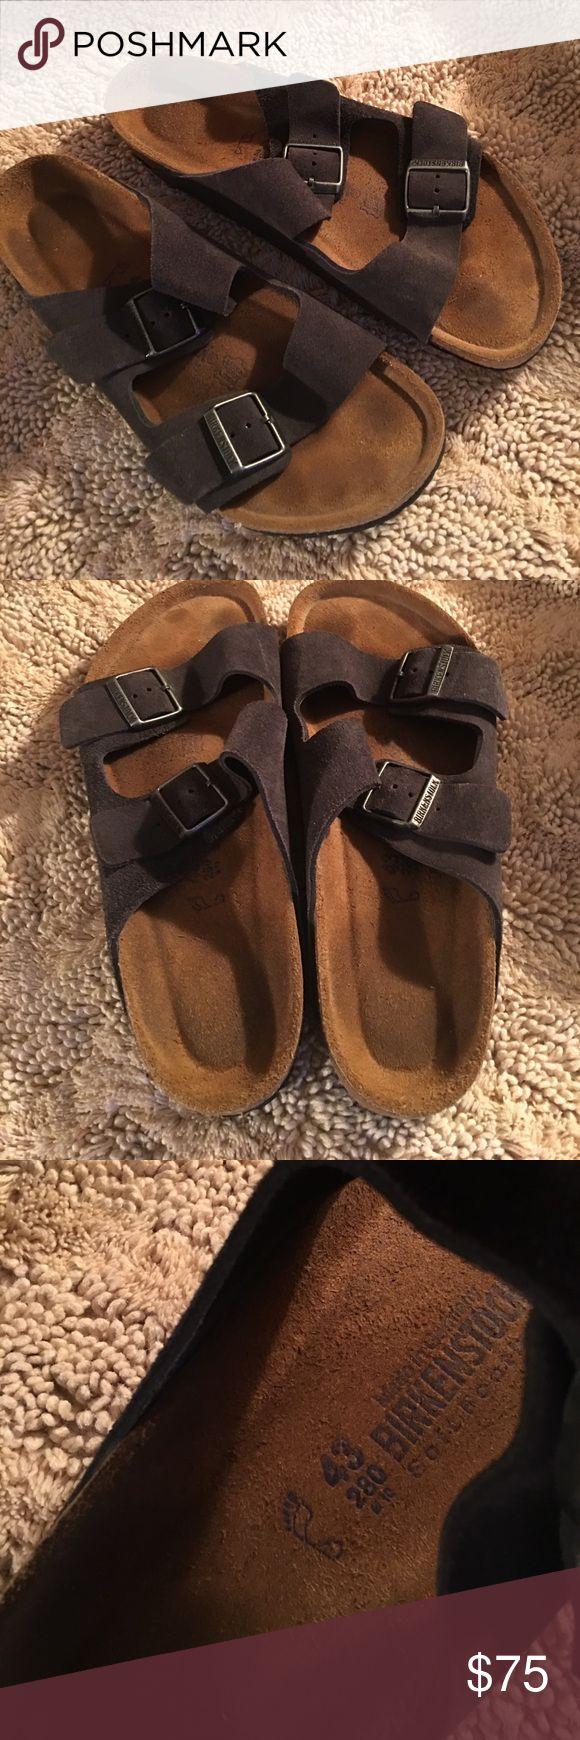 Birkenstock soft footbed sandals Excellent condition barely worn. Birkenstock Shoes Sandals & Flip-Flops